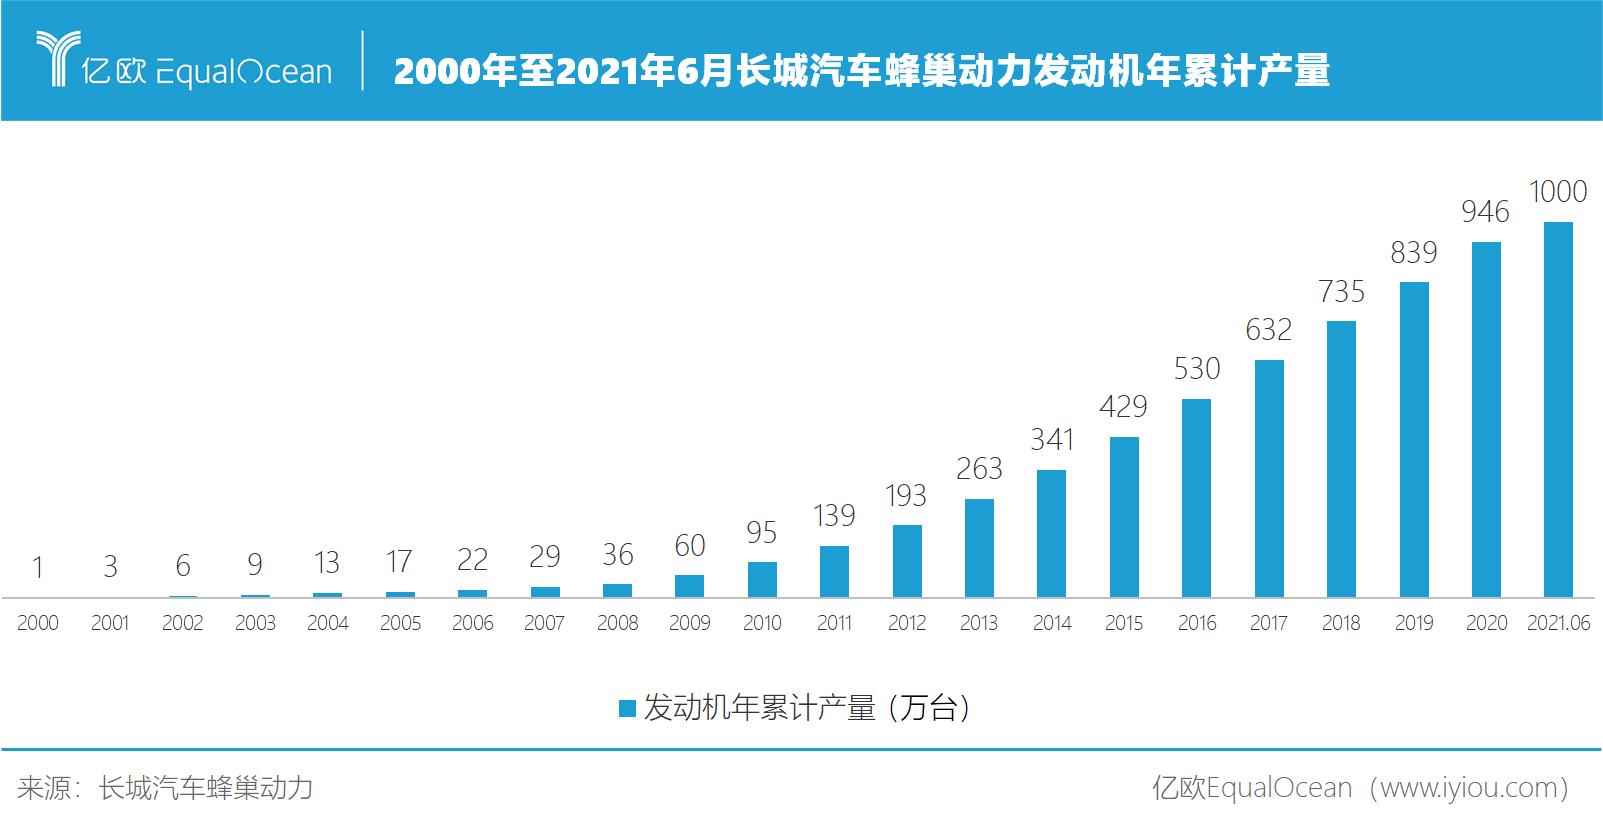 2000年至2021年6月长城汽车蜂巢动力发动机年累计产量